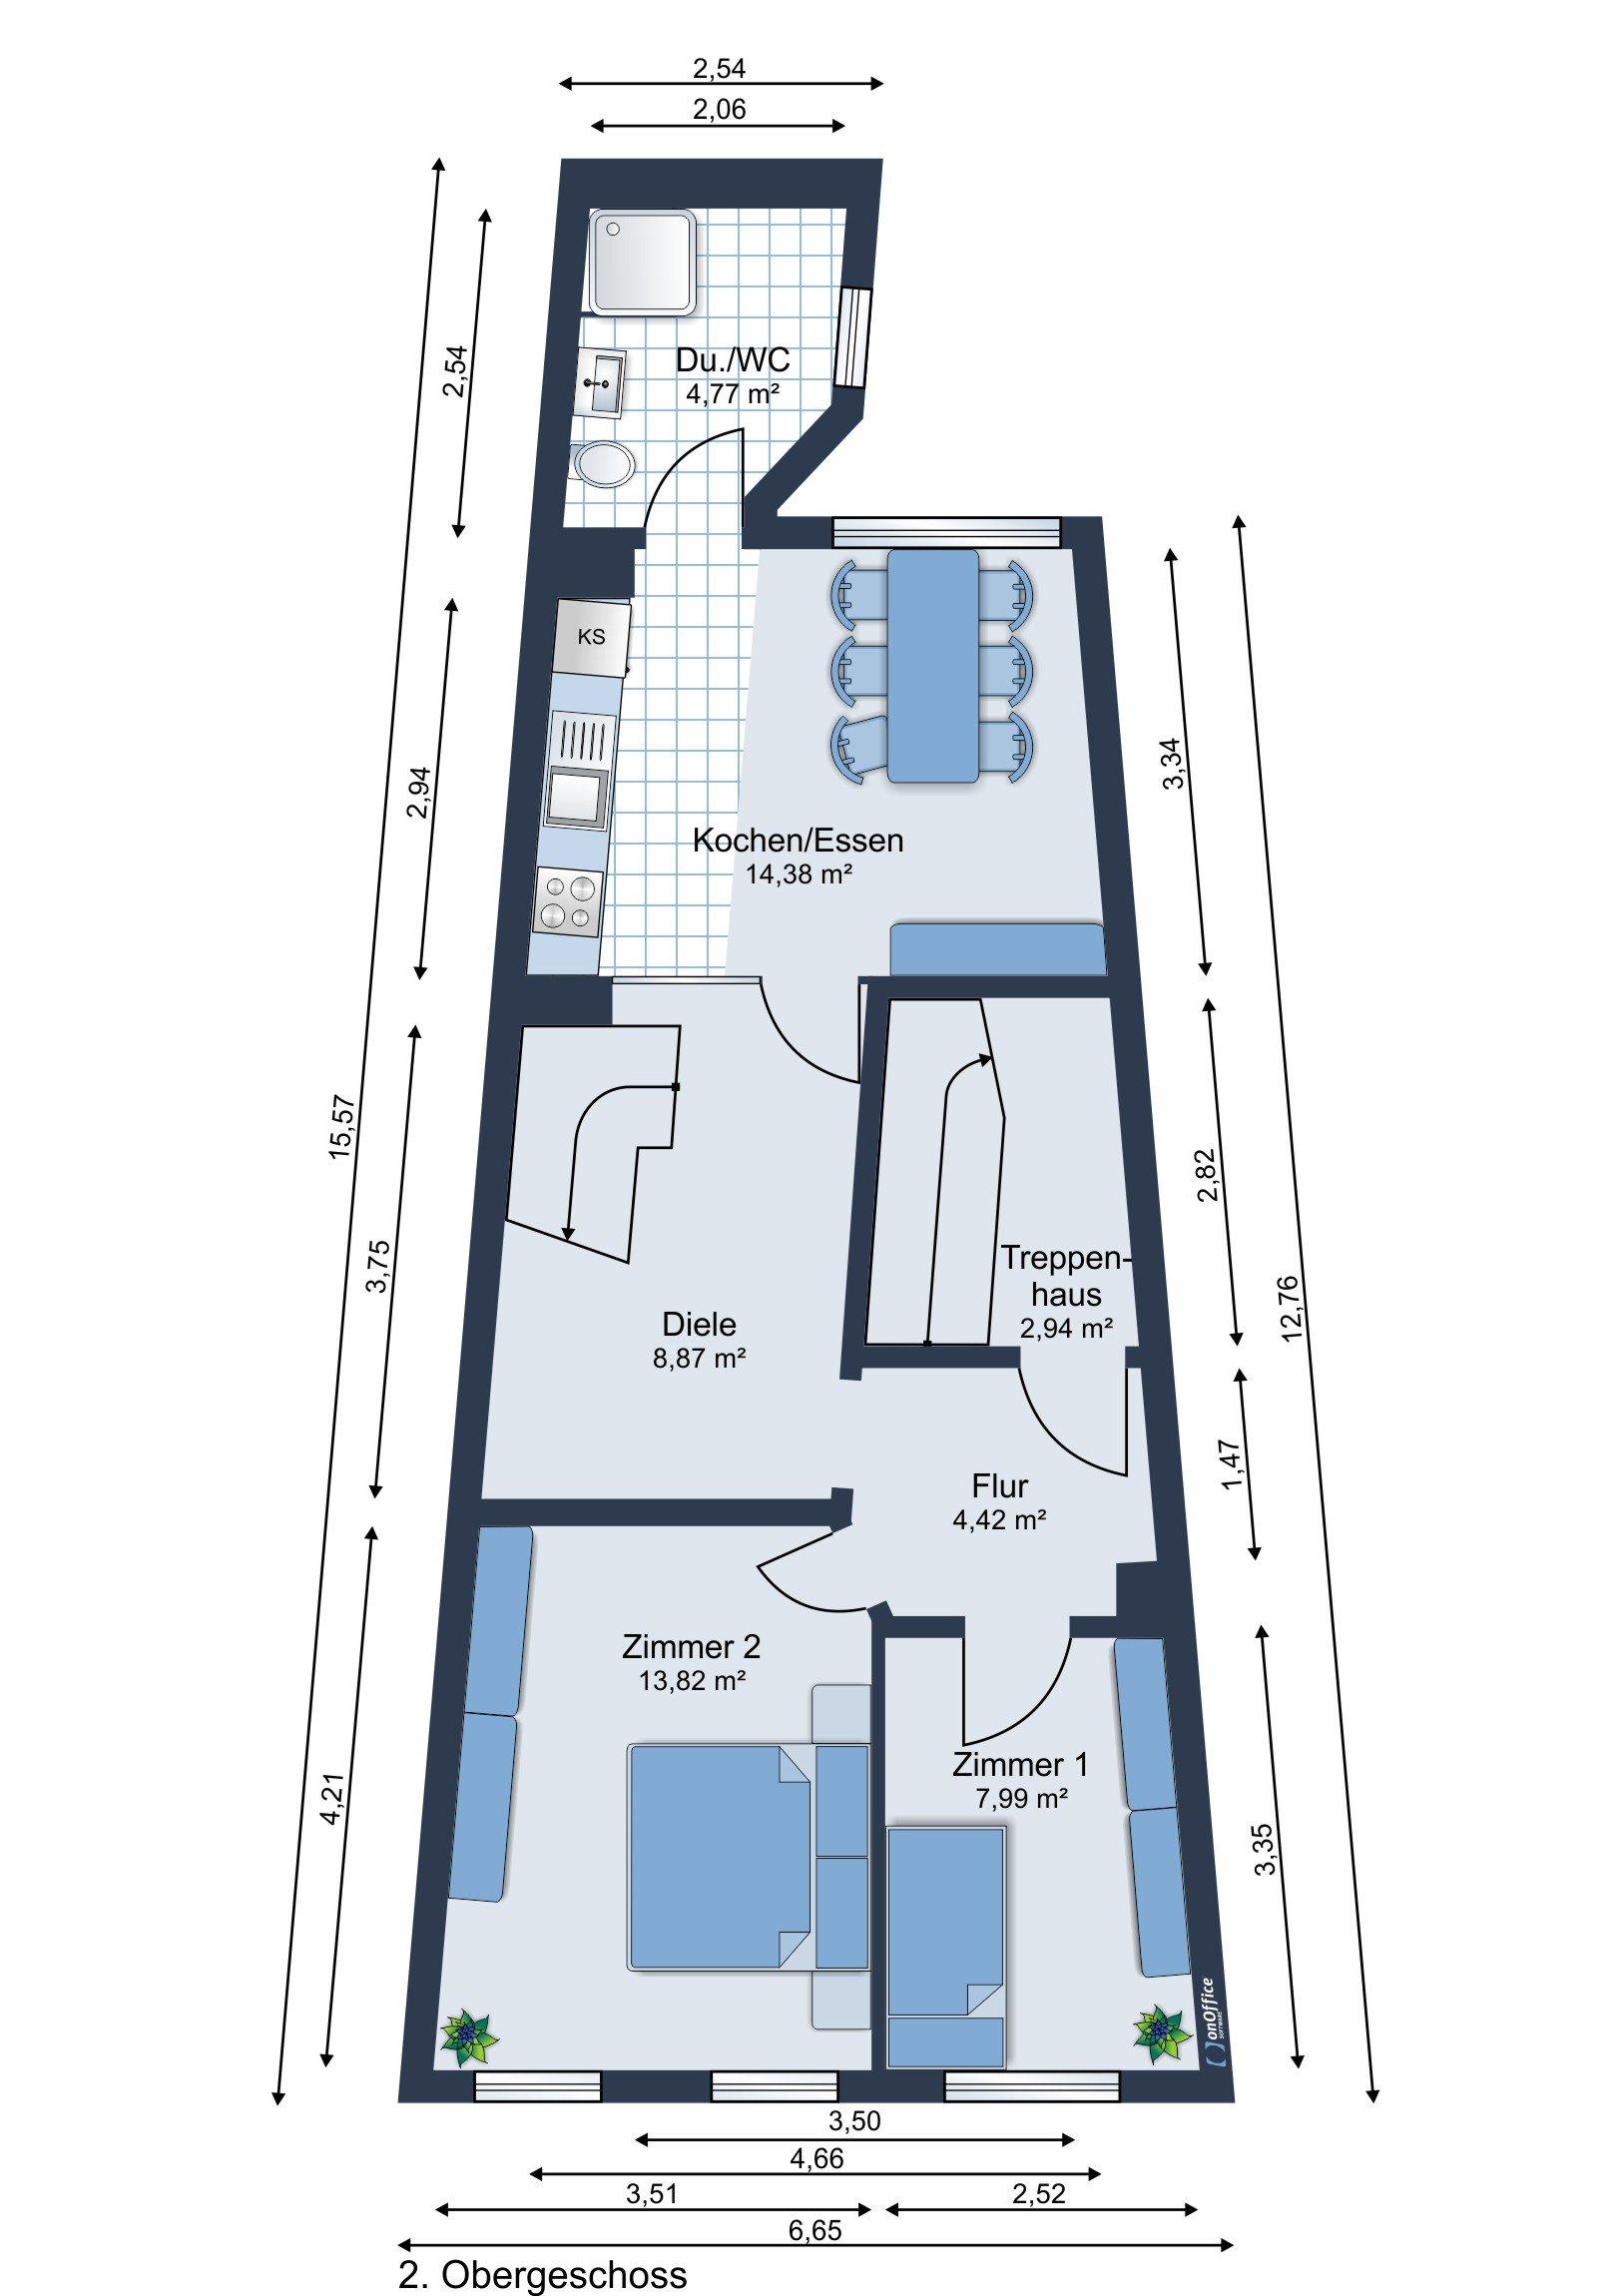 Möbliervorschlag 2. Obergeschoss